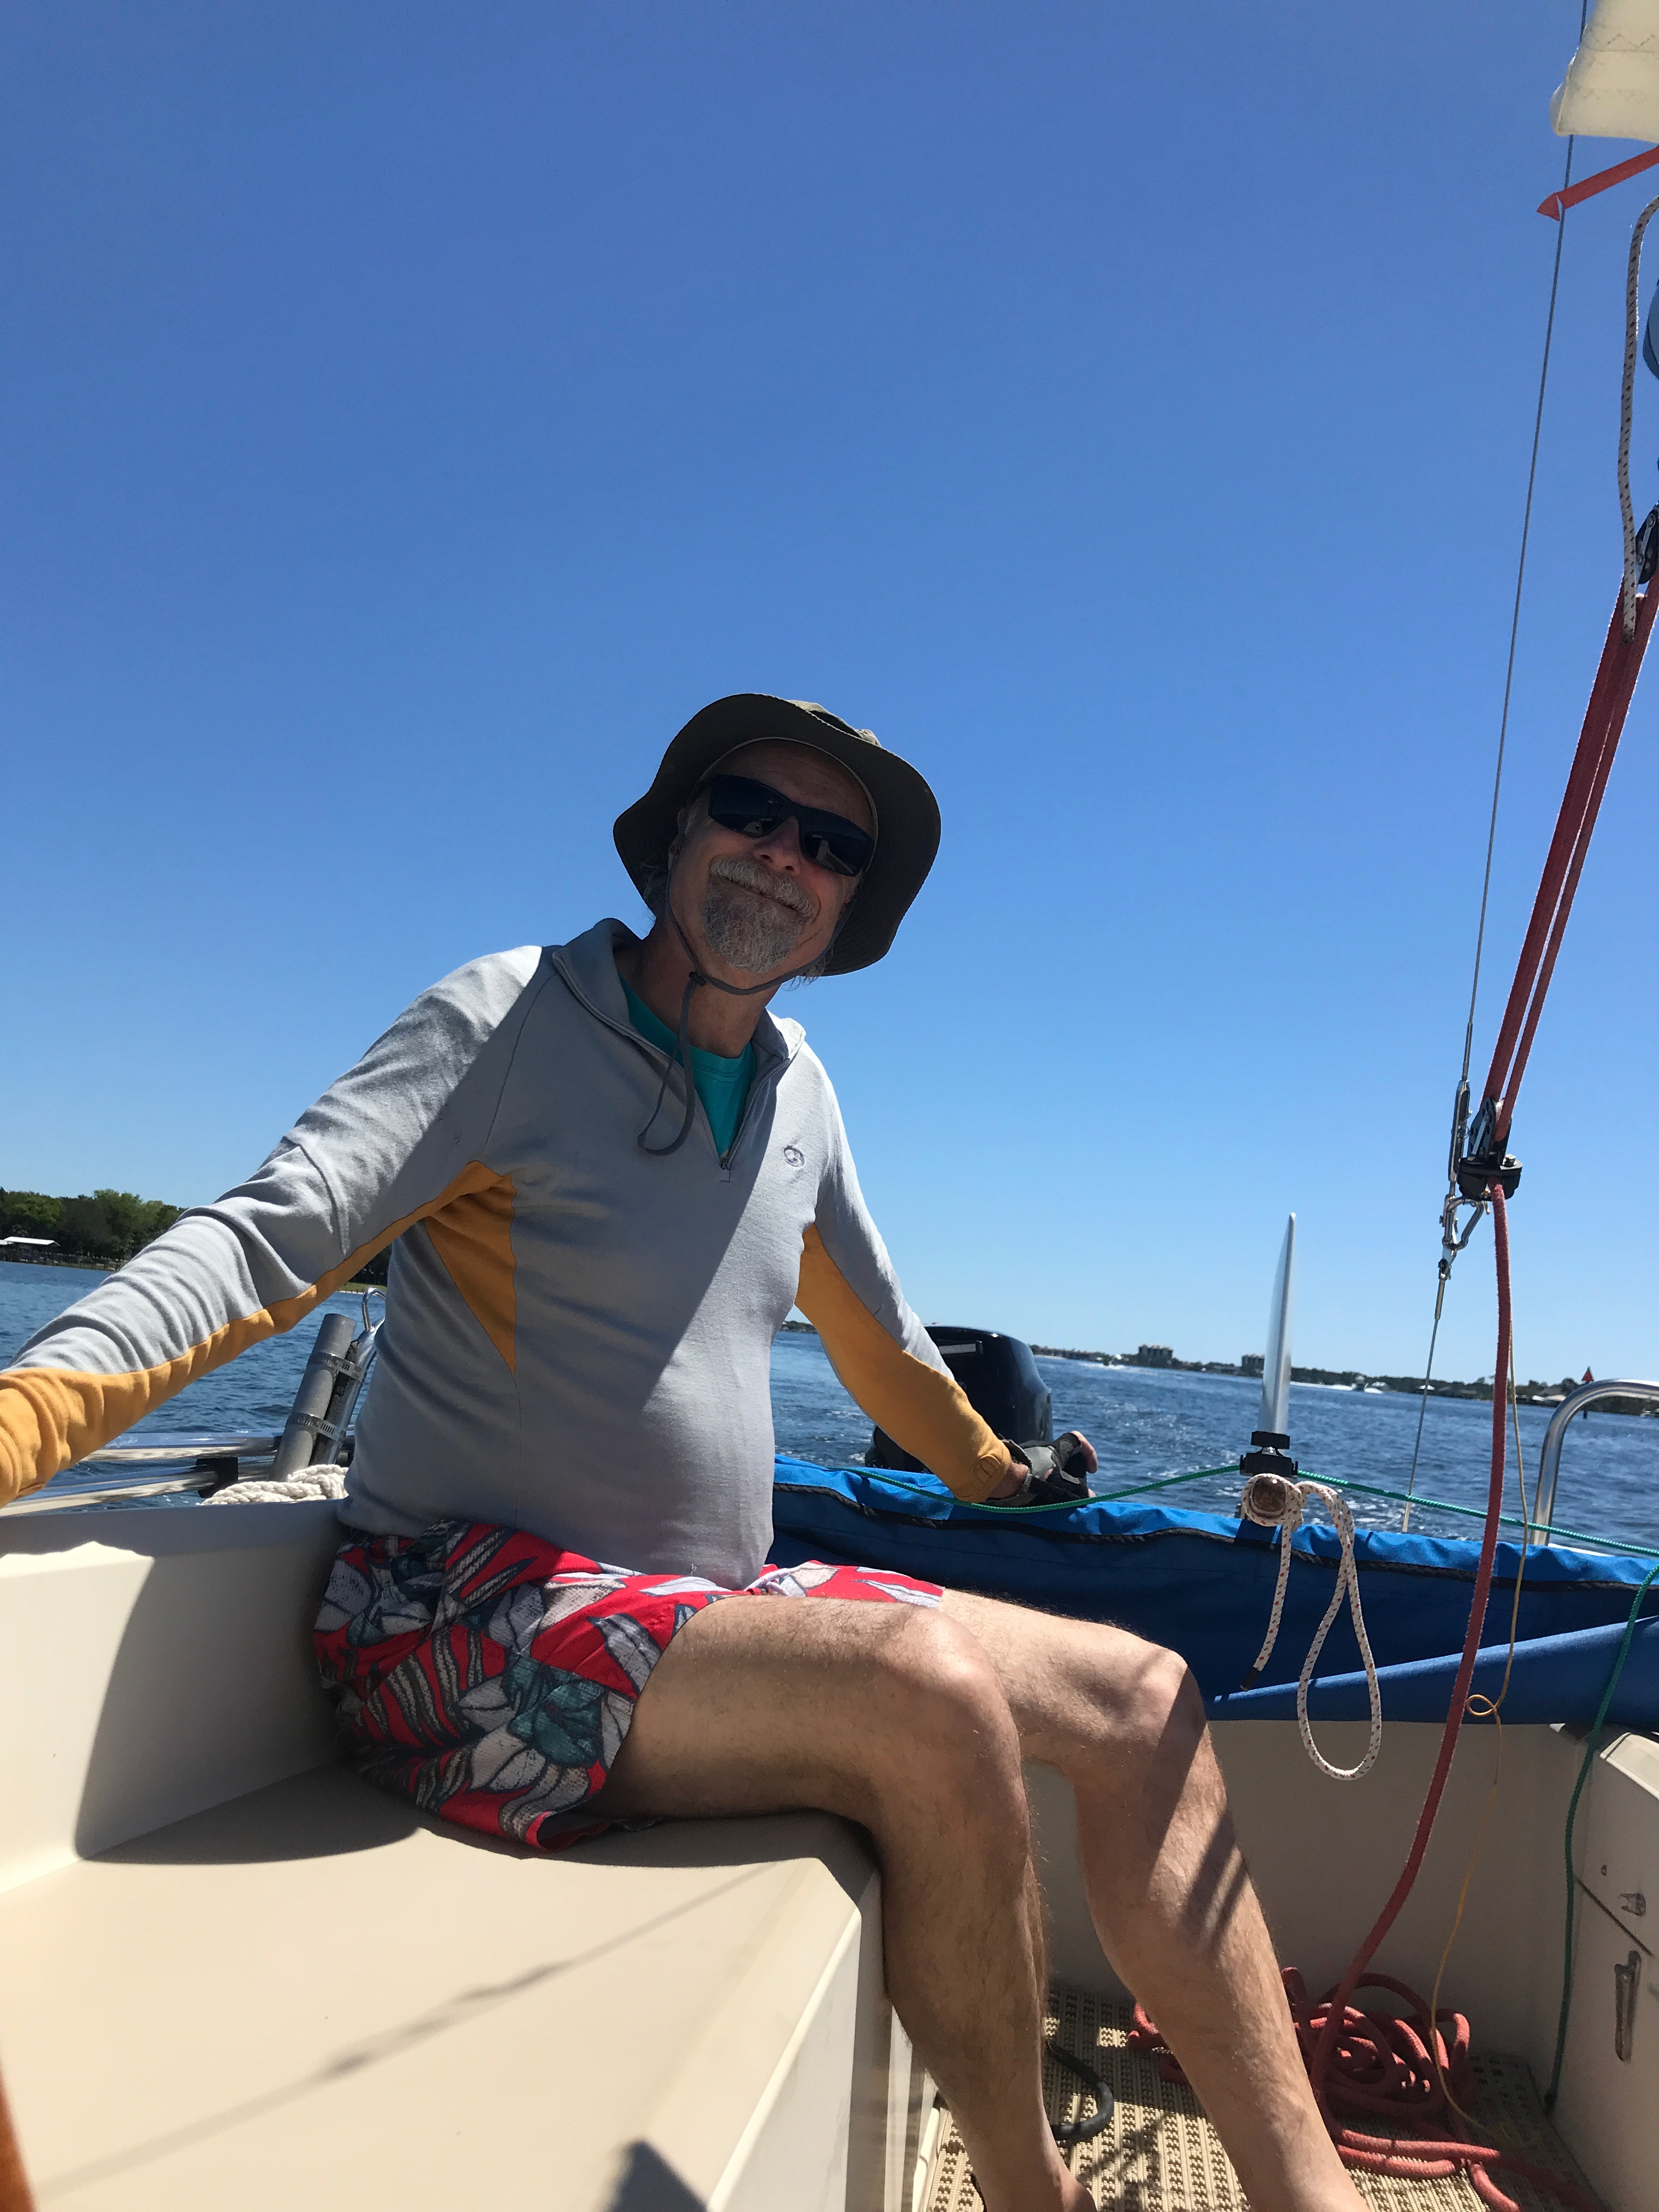 Kevin at sail